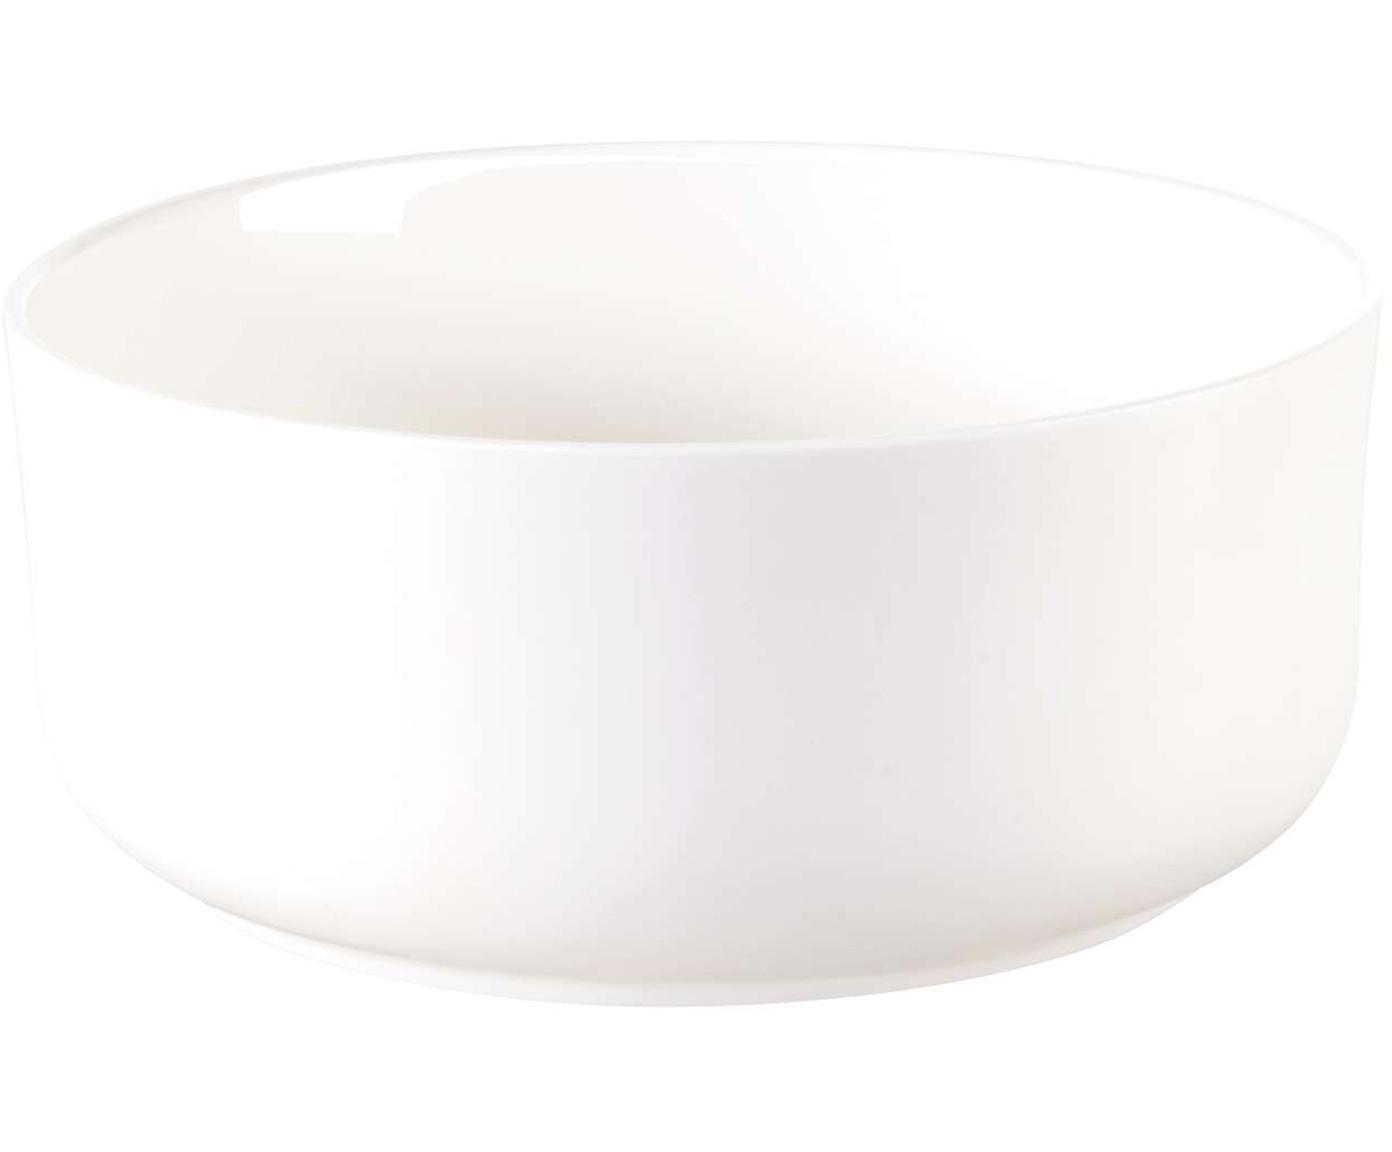 Schalen Oco, 6 stuks, Beenderporselein, Wit, Ø 12 cm